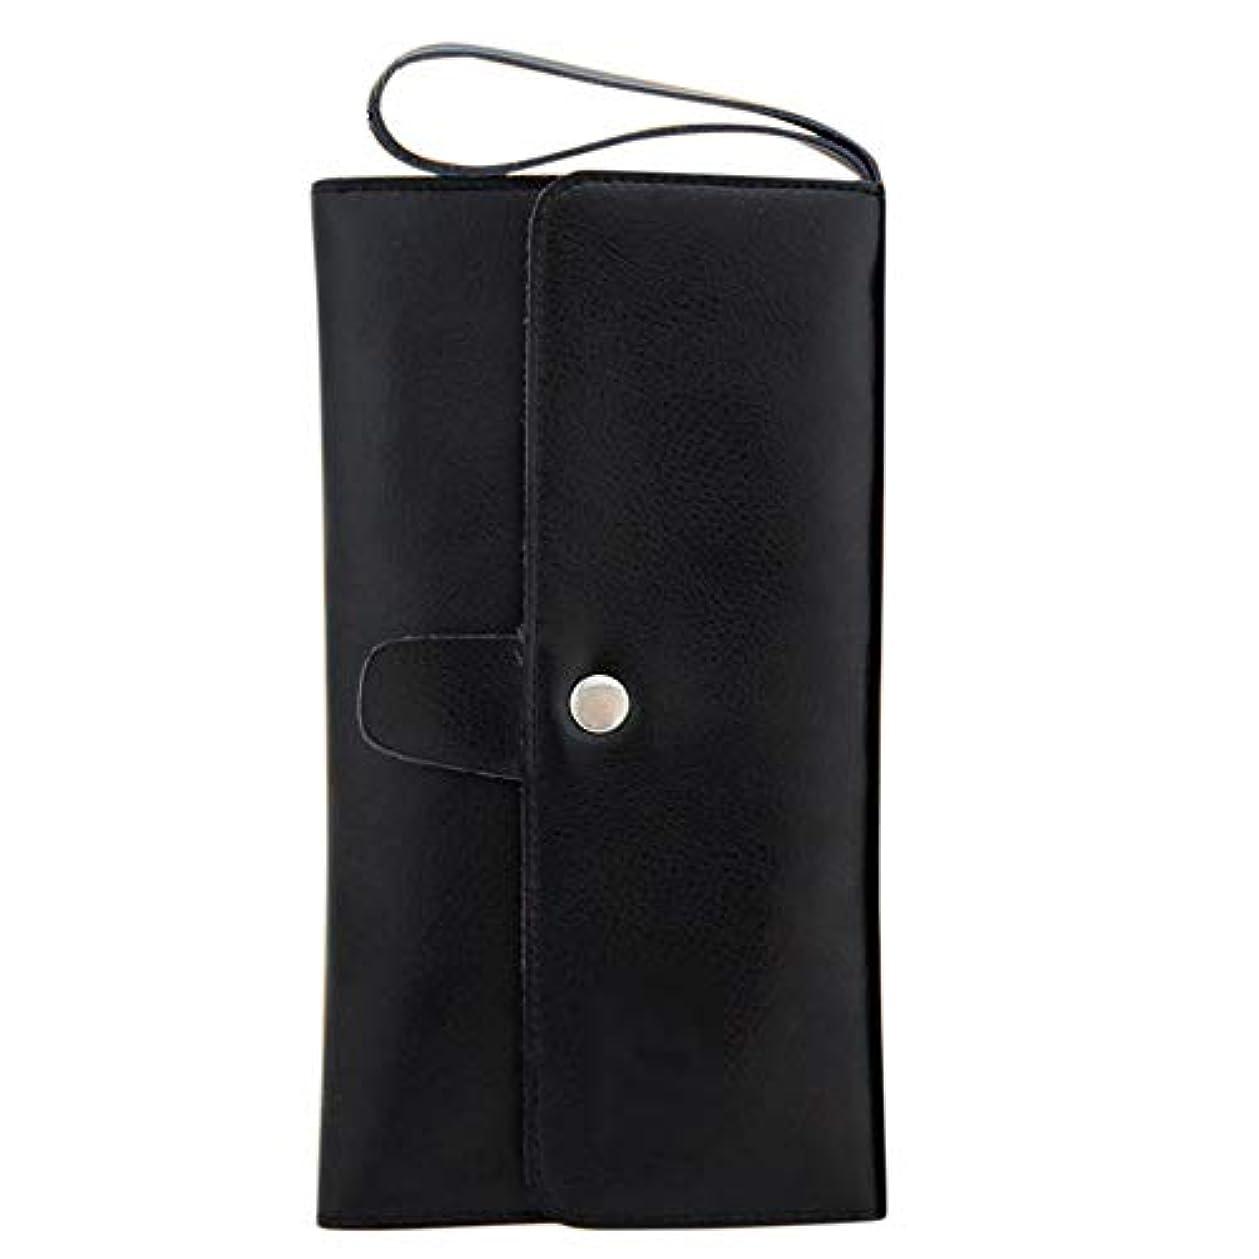 悲しいことに認める実用的ペットツールバッグレザーヘアはさみポーチバーバーくし収納袋 ヘアケア (色 : 黒)